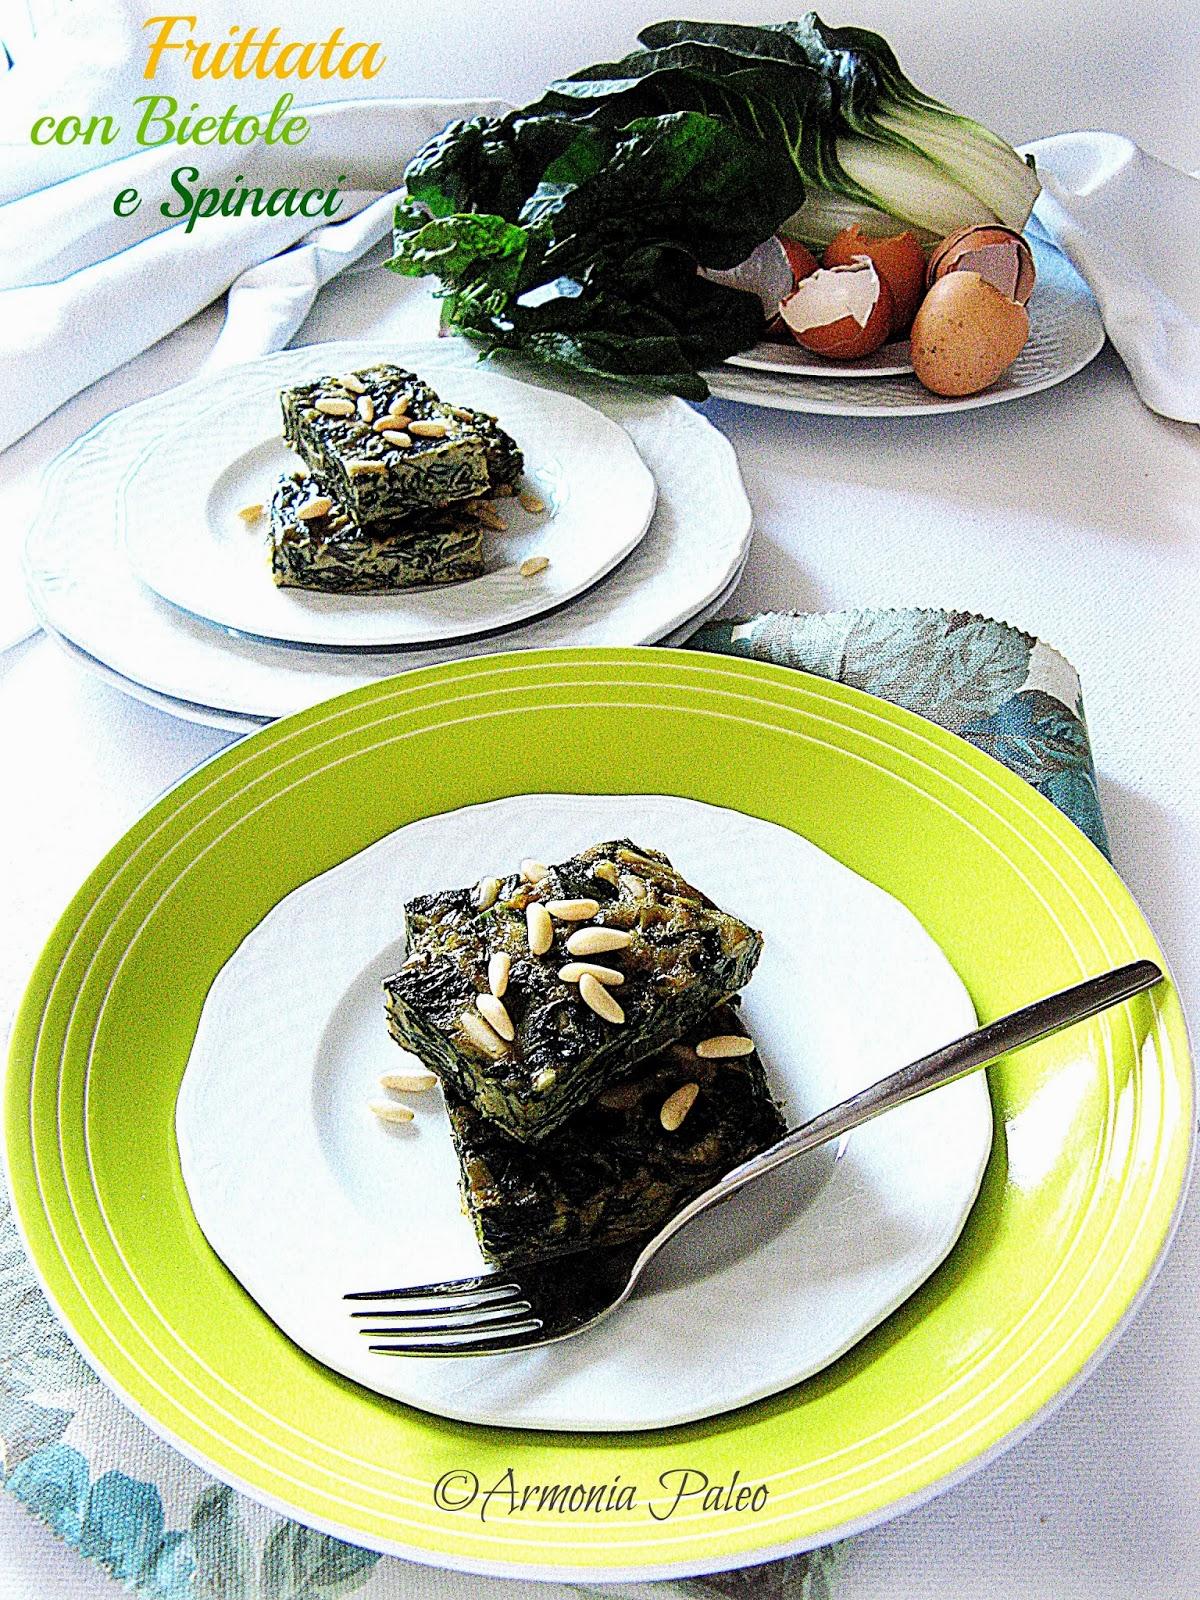 Frittata con Bietole e Spinaci di Armonia Paleo